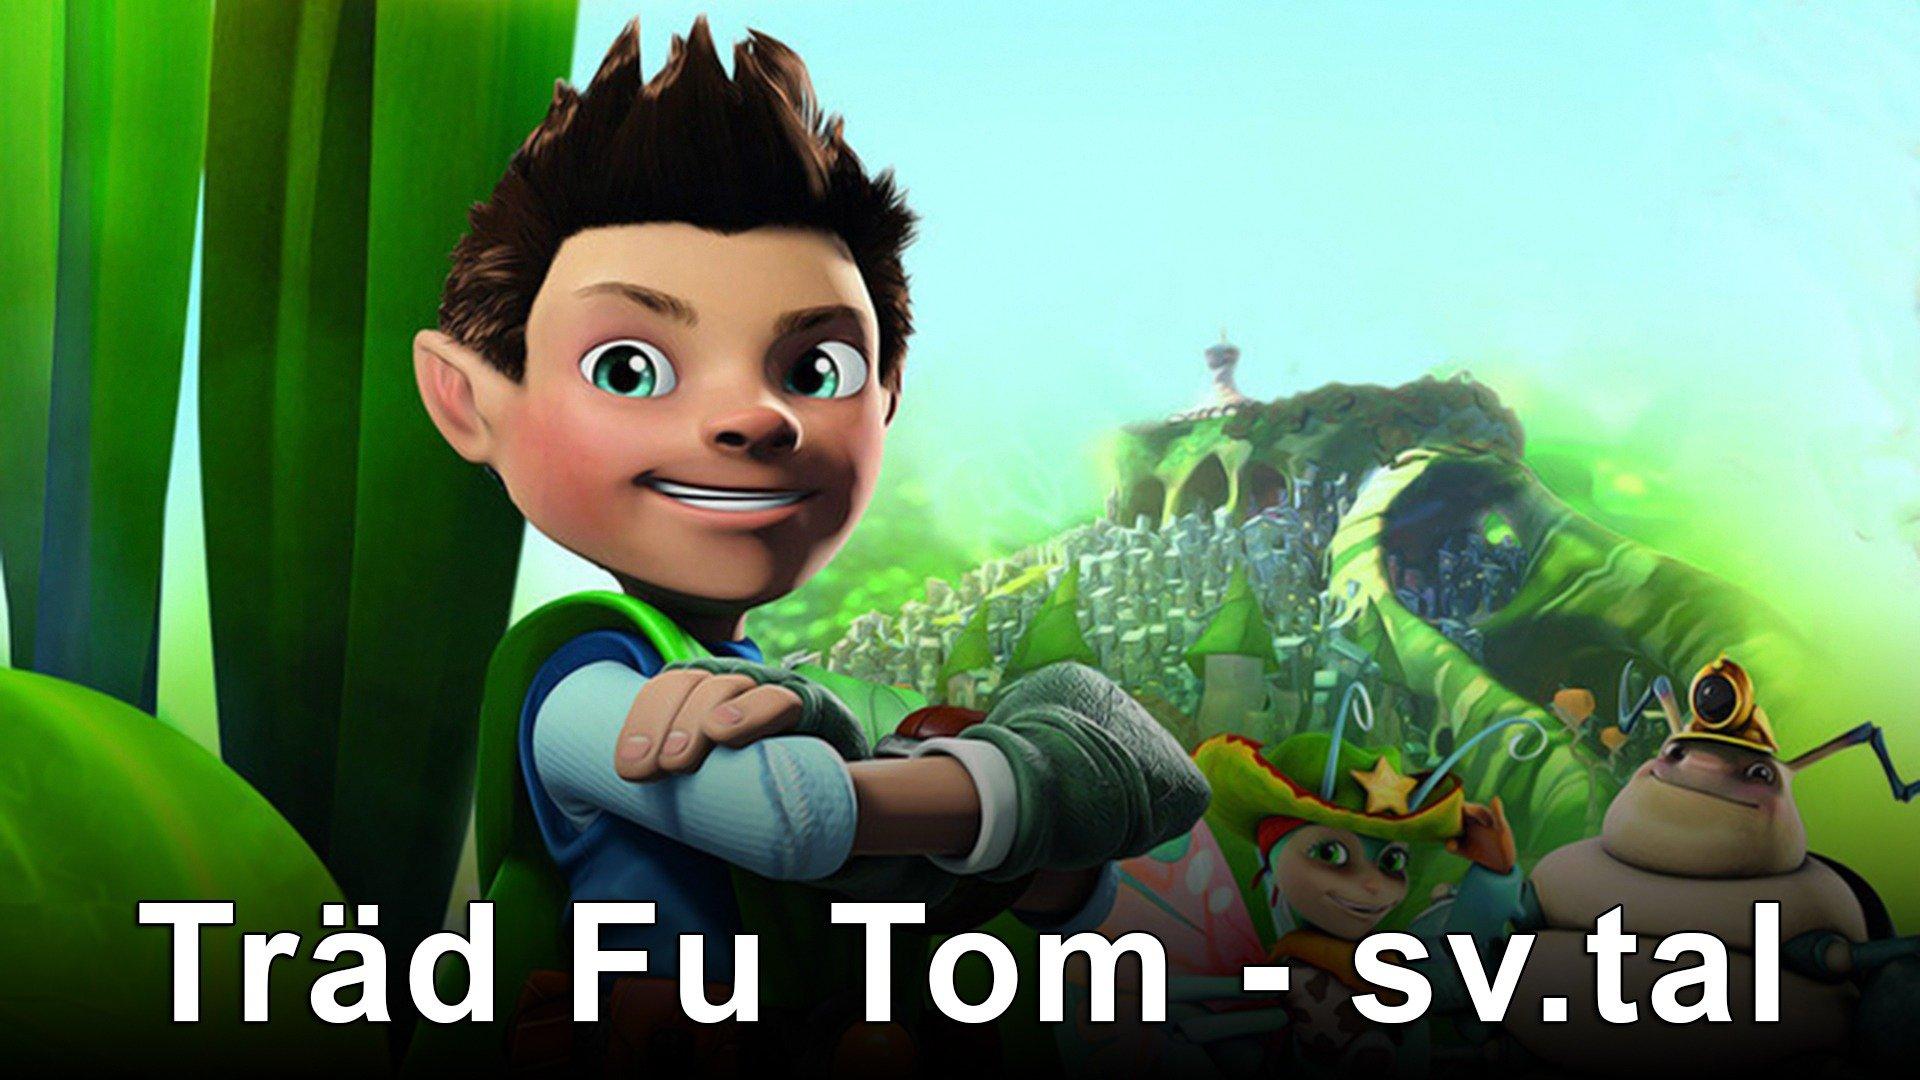 Träd Fu Tom - sv.tal